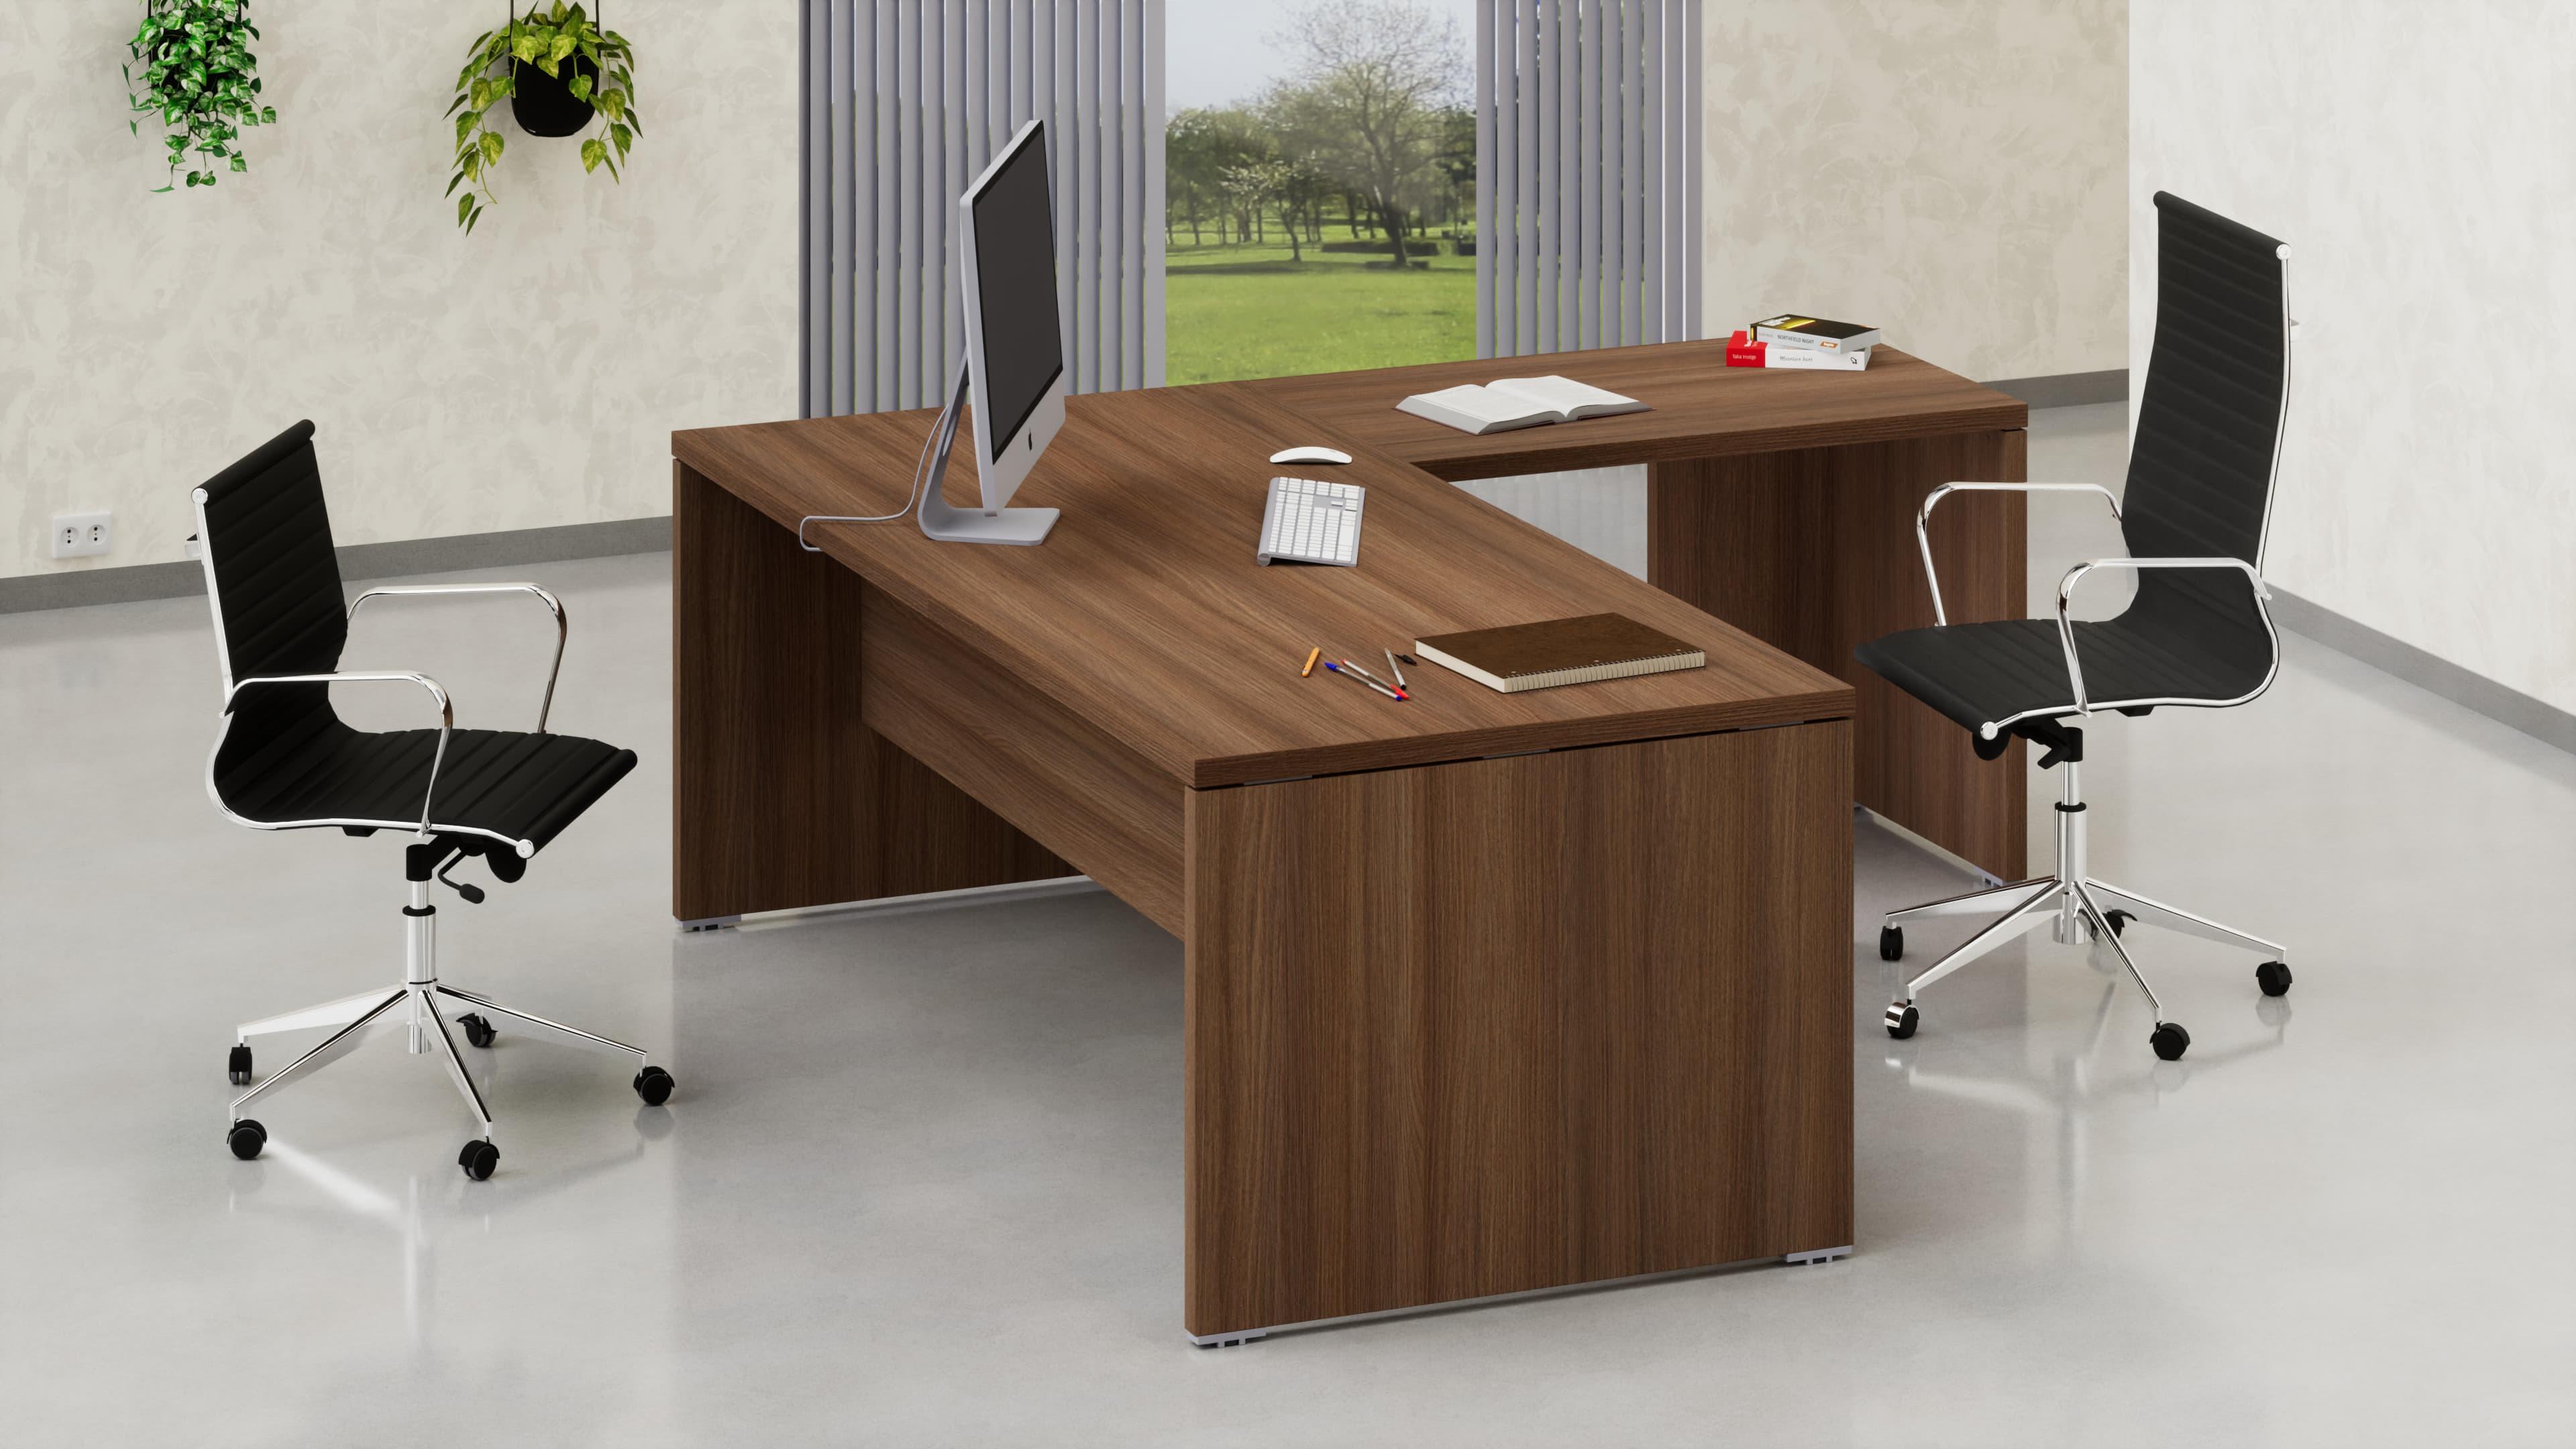 sc014 scrivanie direzionali ufficio da 294 00 fumustore